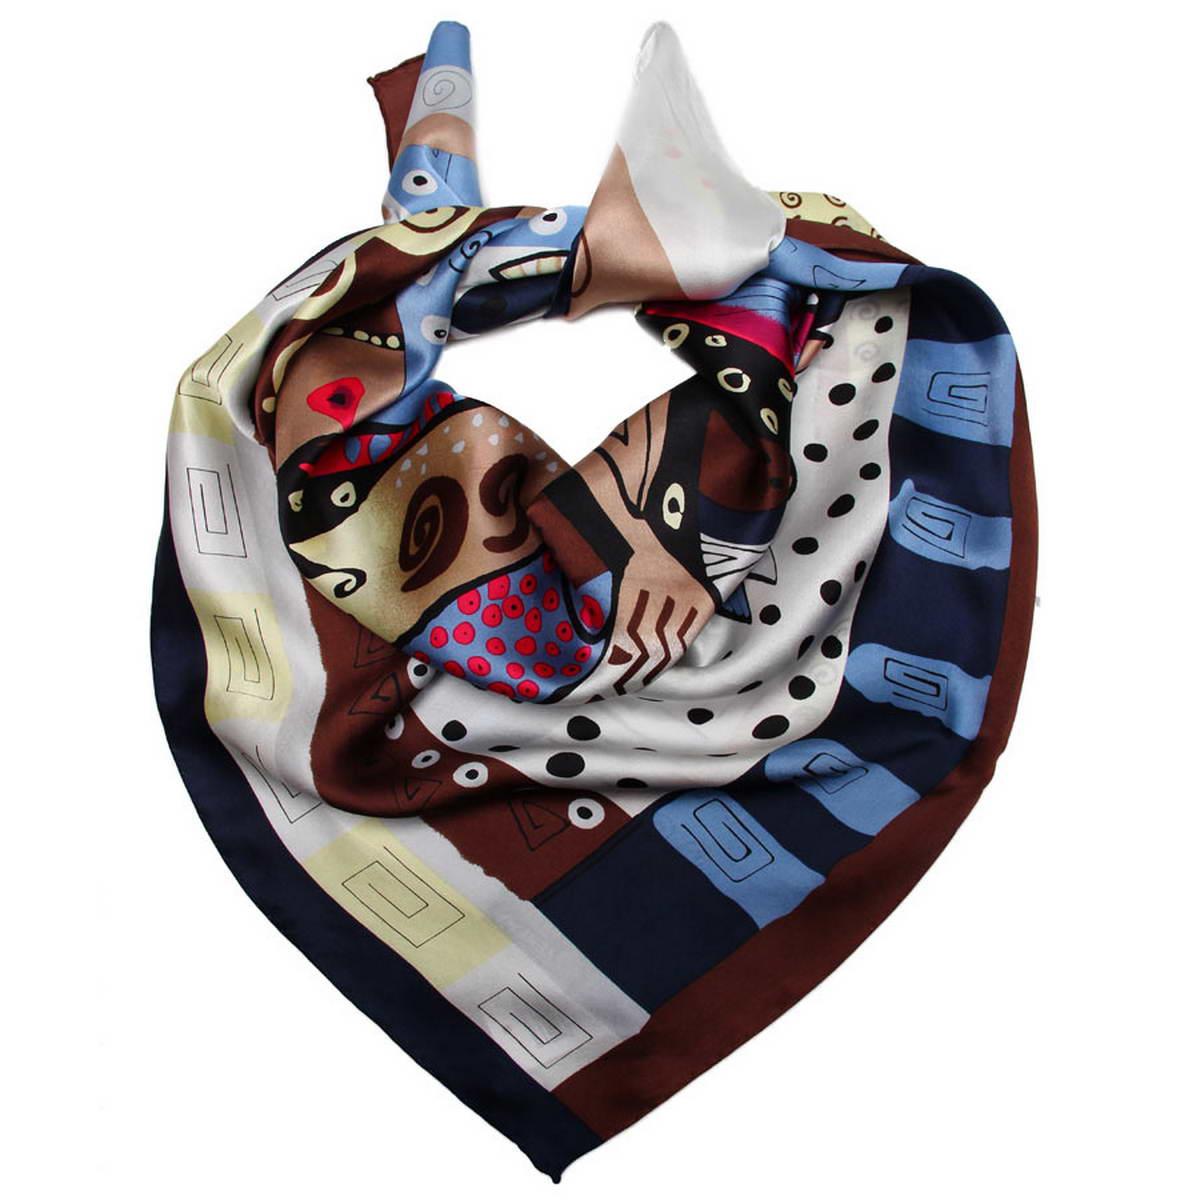 Платок1810912-15Стильный женский платок Venera станет великолепным завершением любого наряда. Платок изготовлен из высококачественного 100% шелка и оформлен красочным принтом с изображением забавных кошек с рыбками. Классическая квадратная форма позволяет носить платок на шее, украшать им прическу или декорировать сумочку. Легкий, мягкий и шелковистый платок поможет вам создать изысканный женственный образ, а также согреет в непогоду. Такой платок превосходно дополнит любой наряд и подчеркнет ваш неповторимый вкус и элегантность.